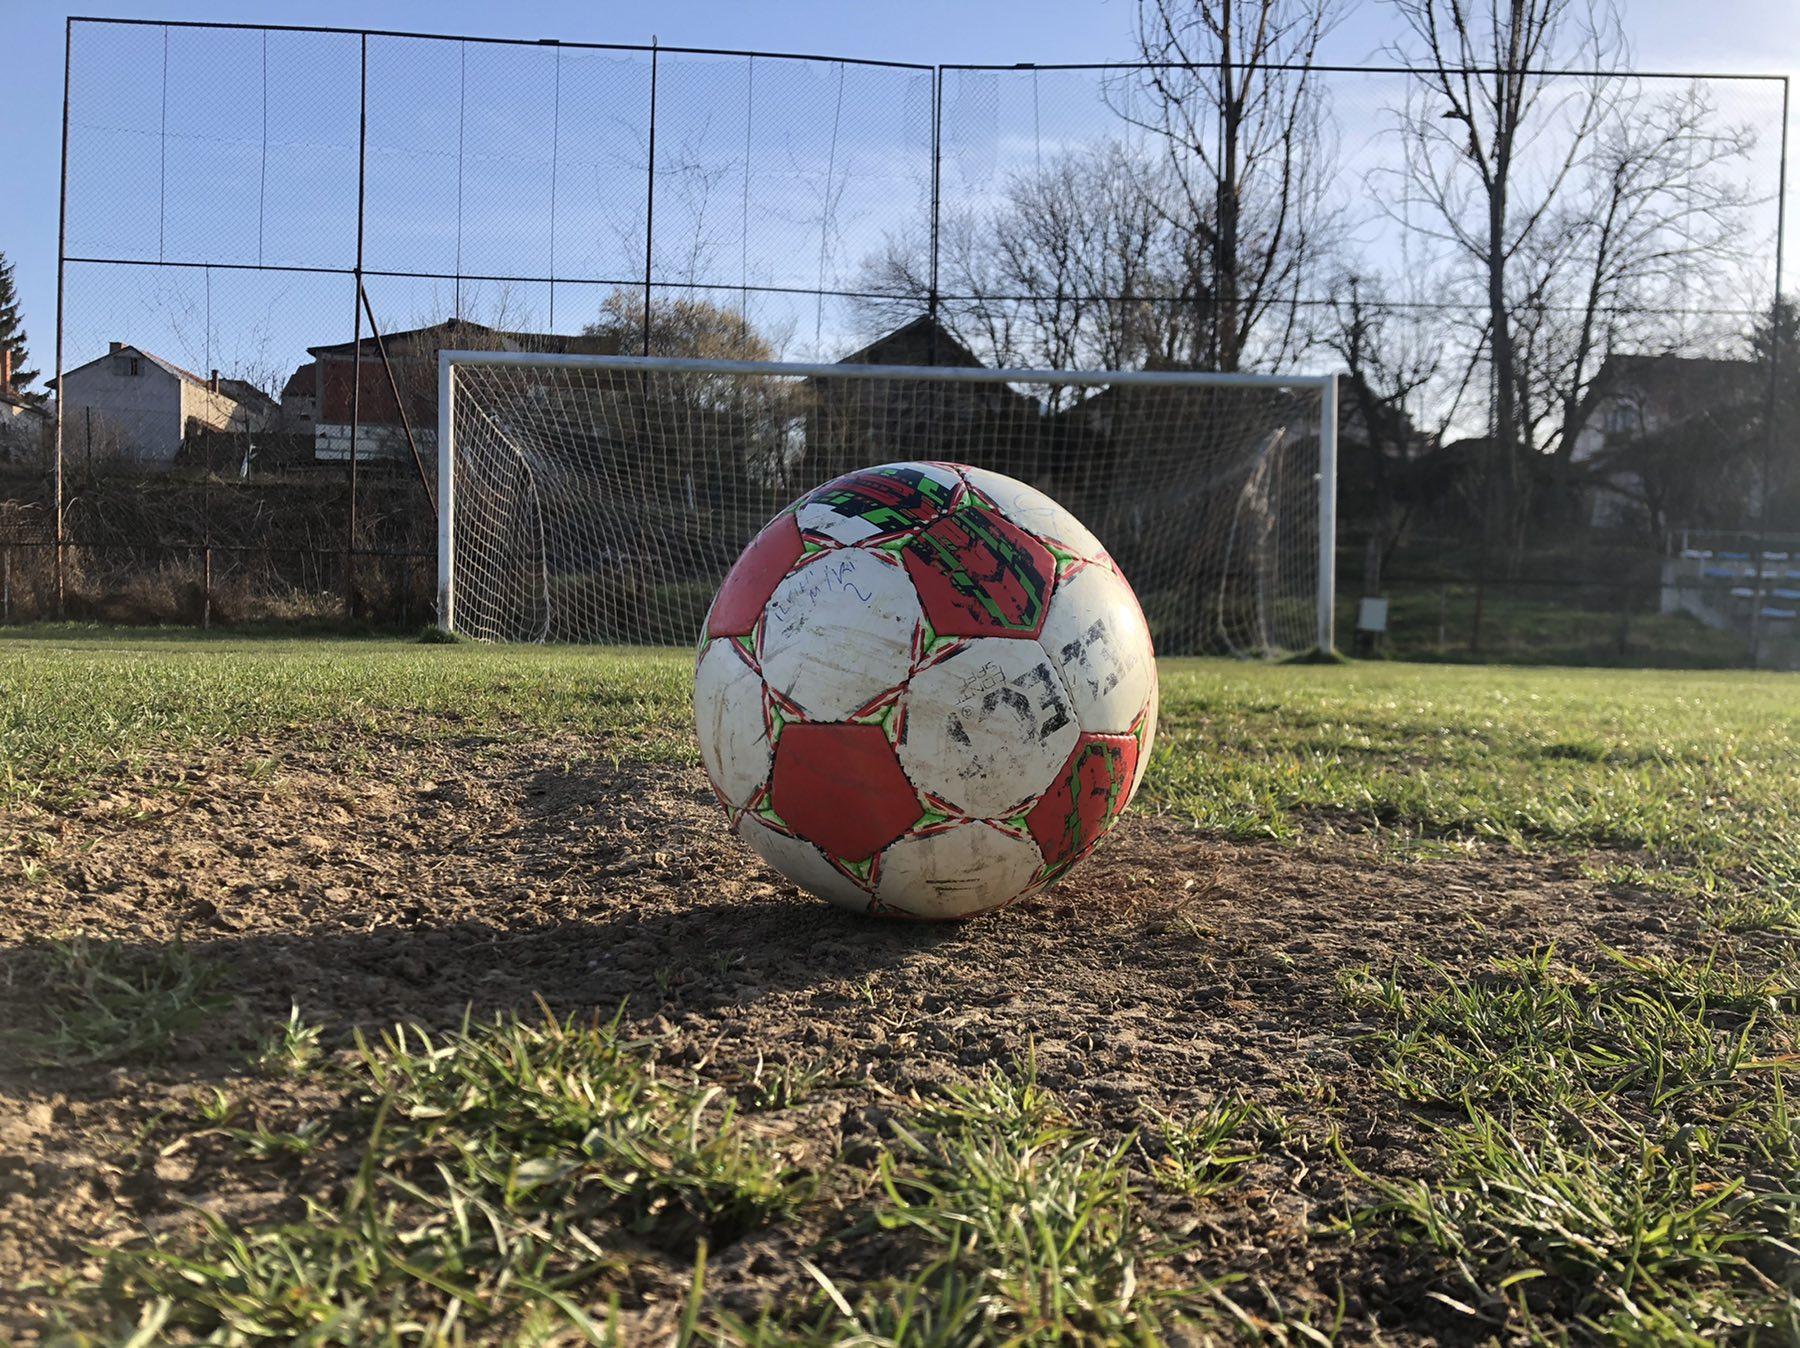 Ilustracija, teren, fudbal, sport, foto: Knjaževačke novine